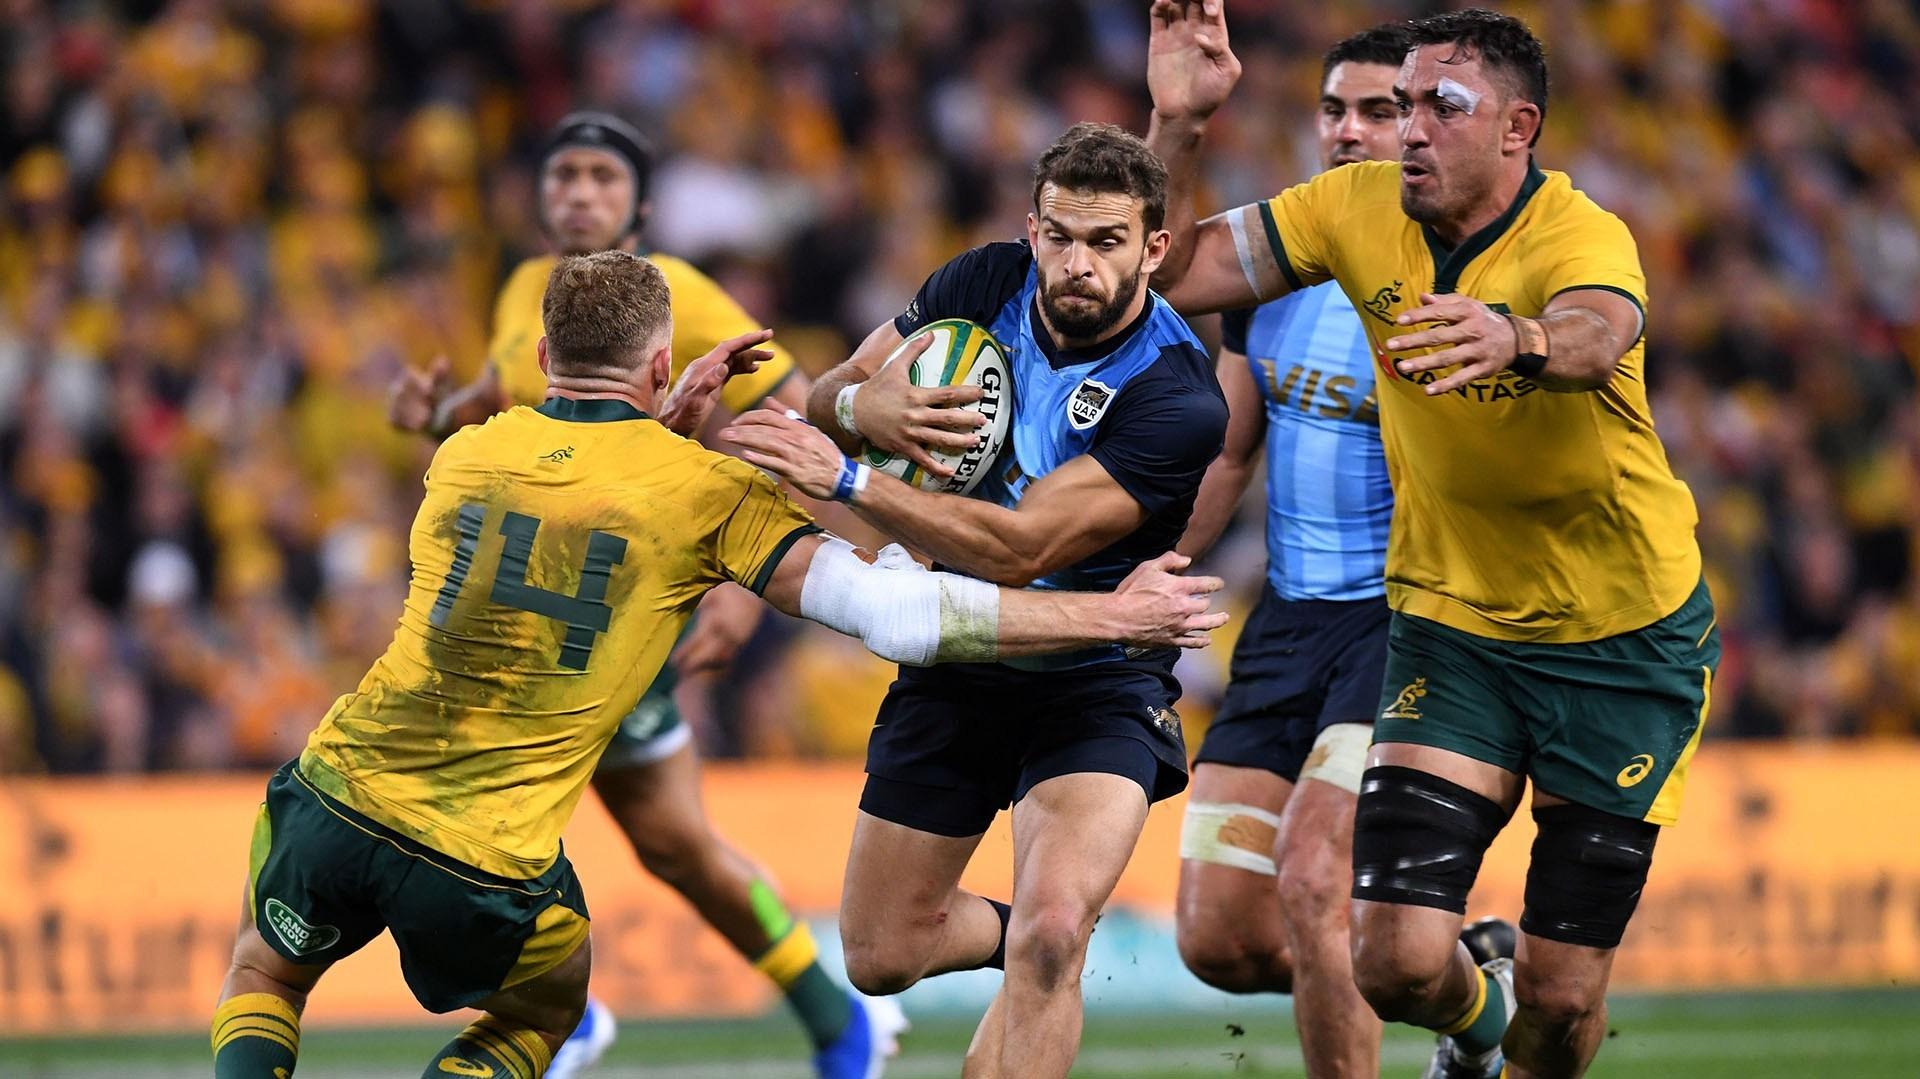 Liga Nacional de Rugby en Australia pondrá a prueba una solución gubernamental basada en blockchain para la autenticidad y certificación de mercancía original